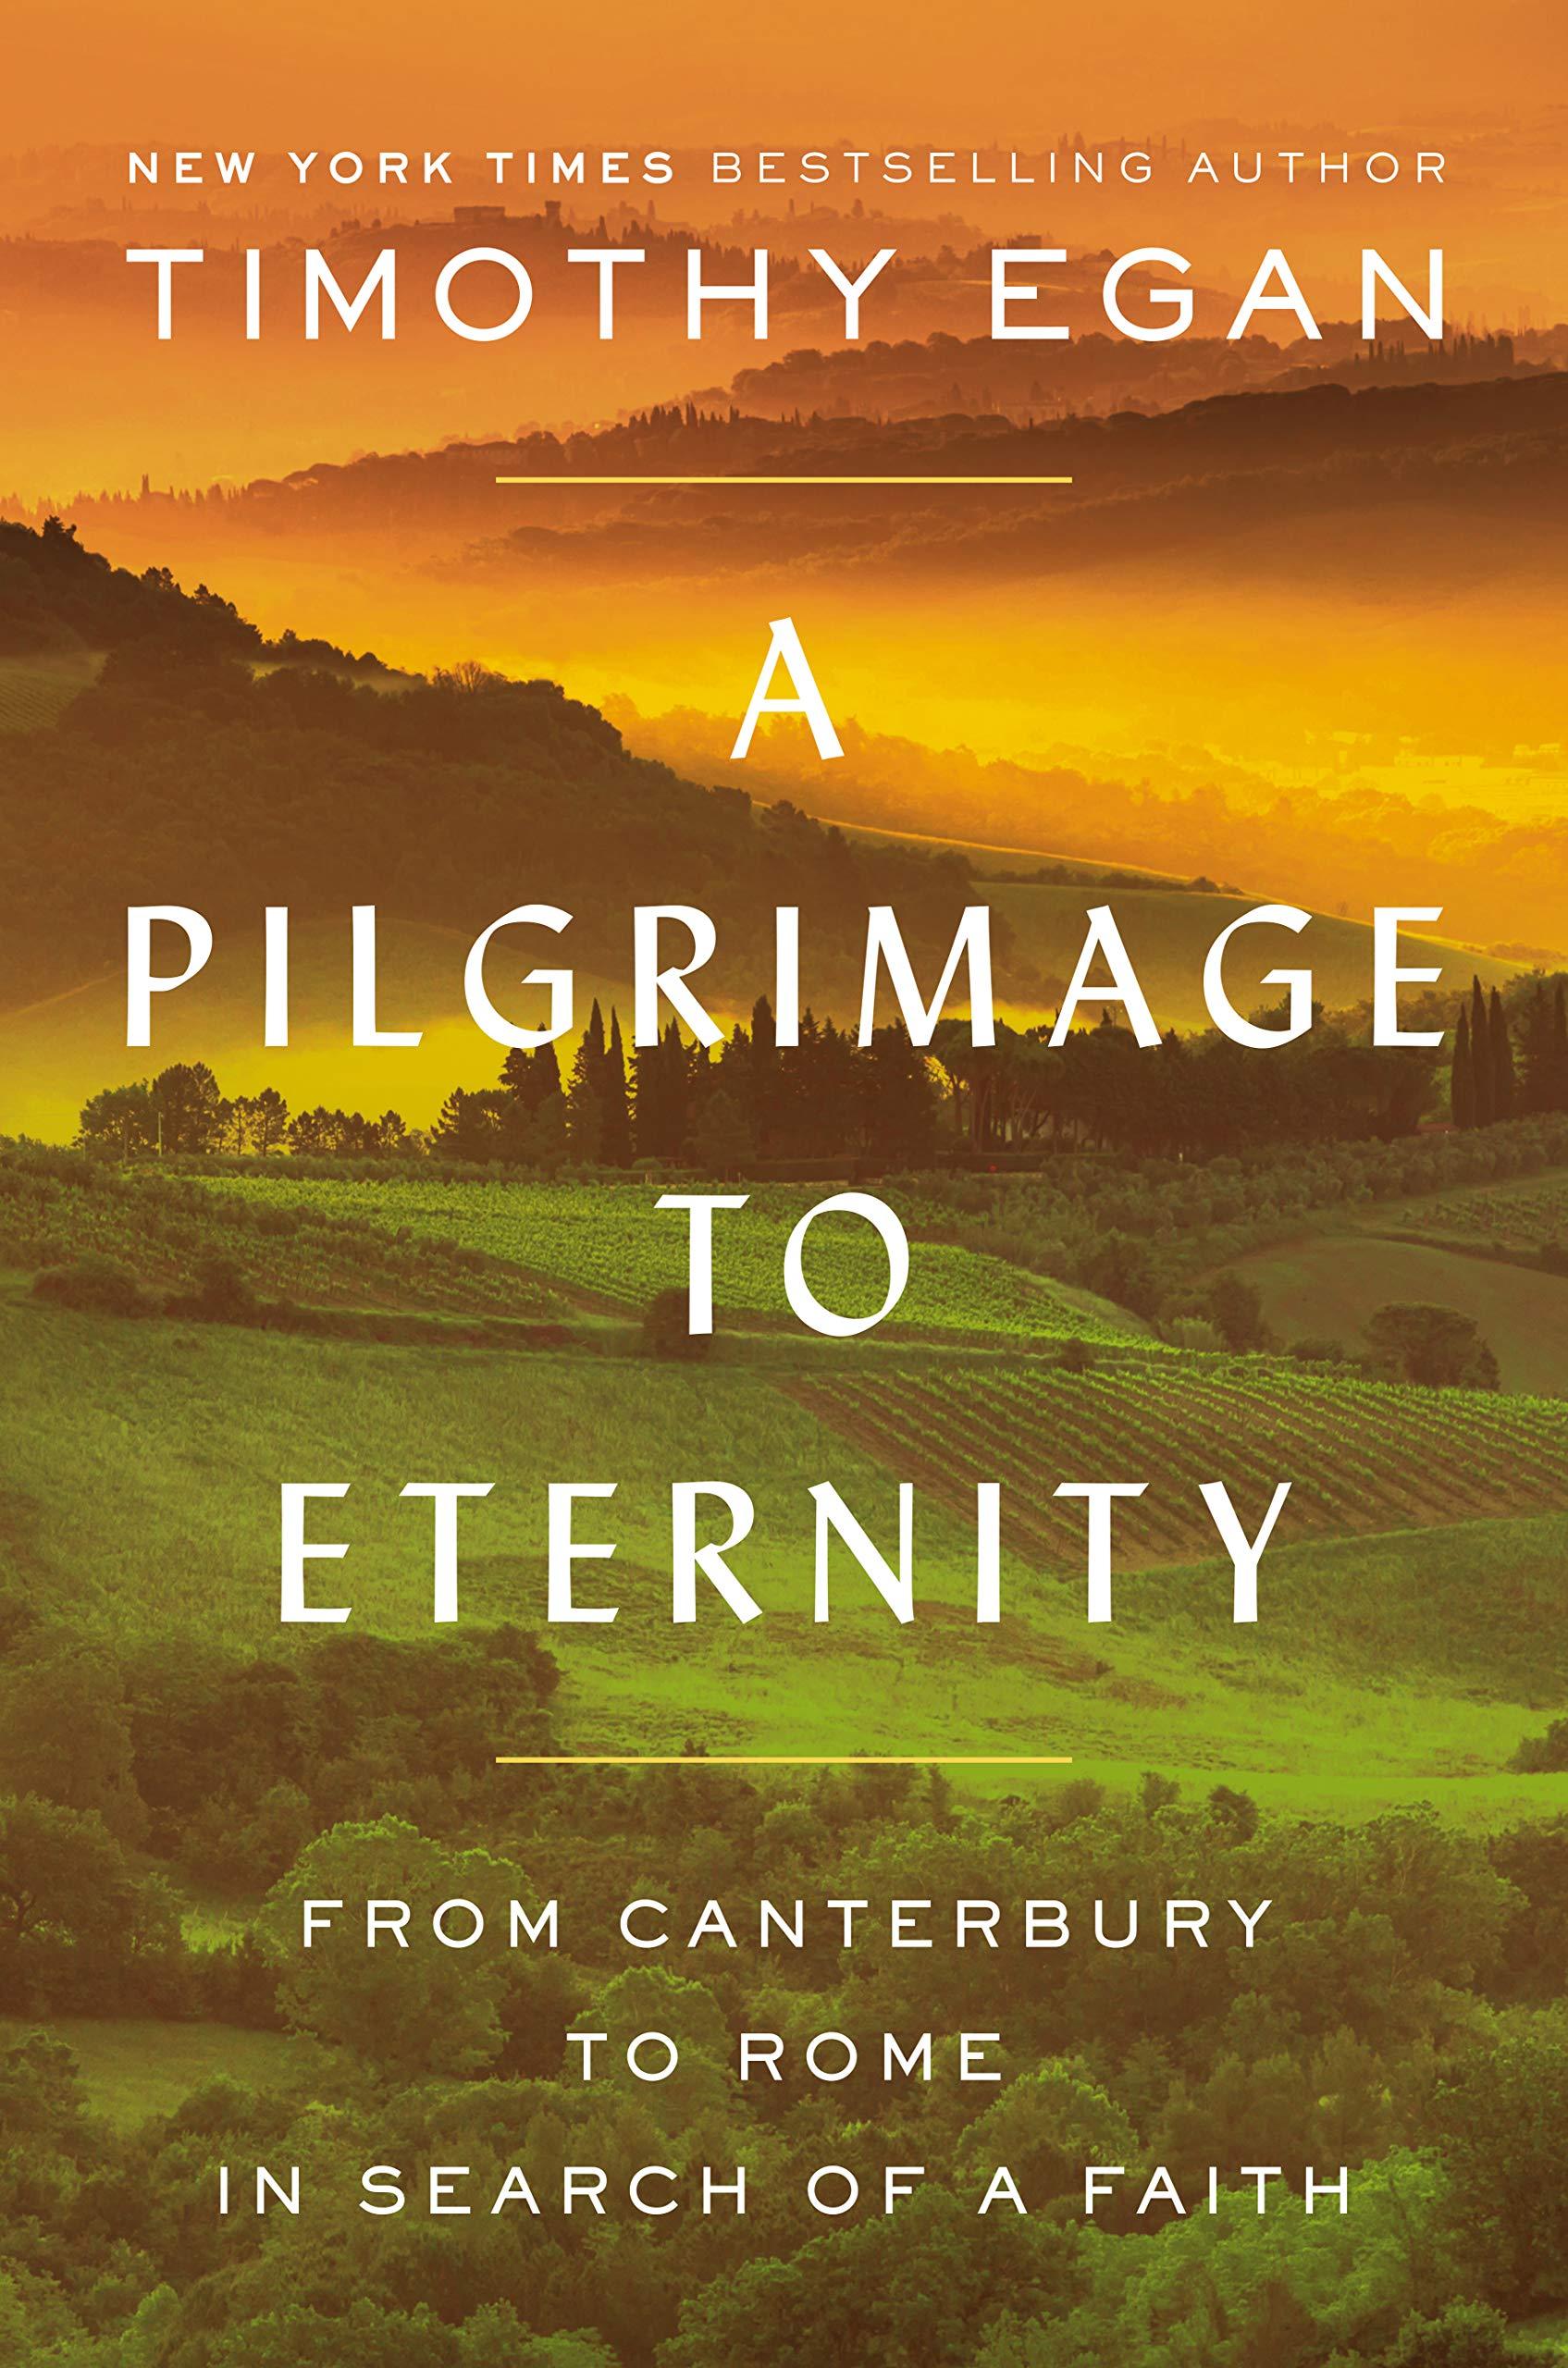 Pilgrimage to Eternity